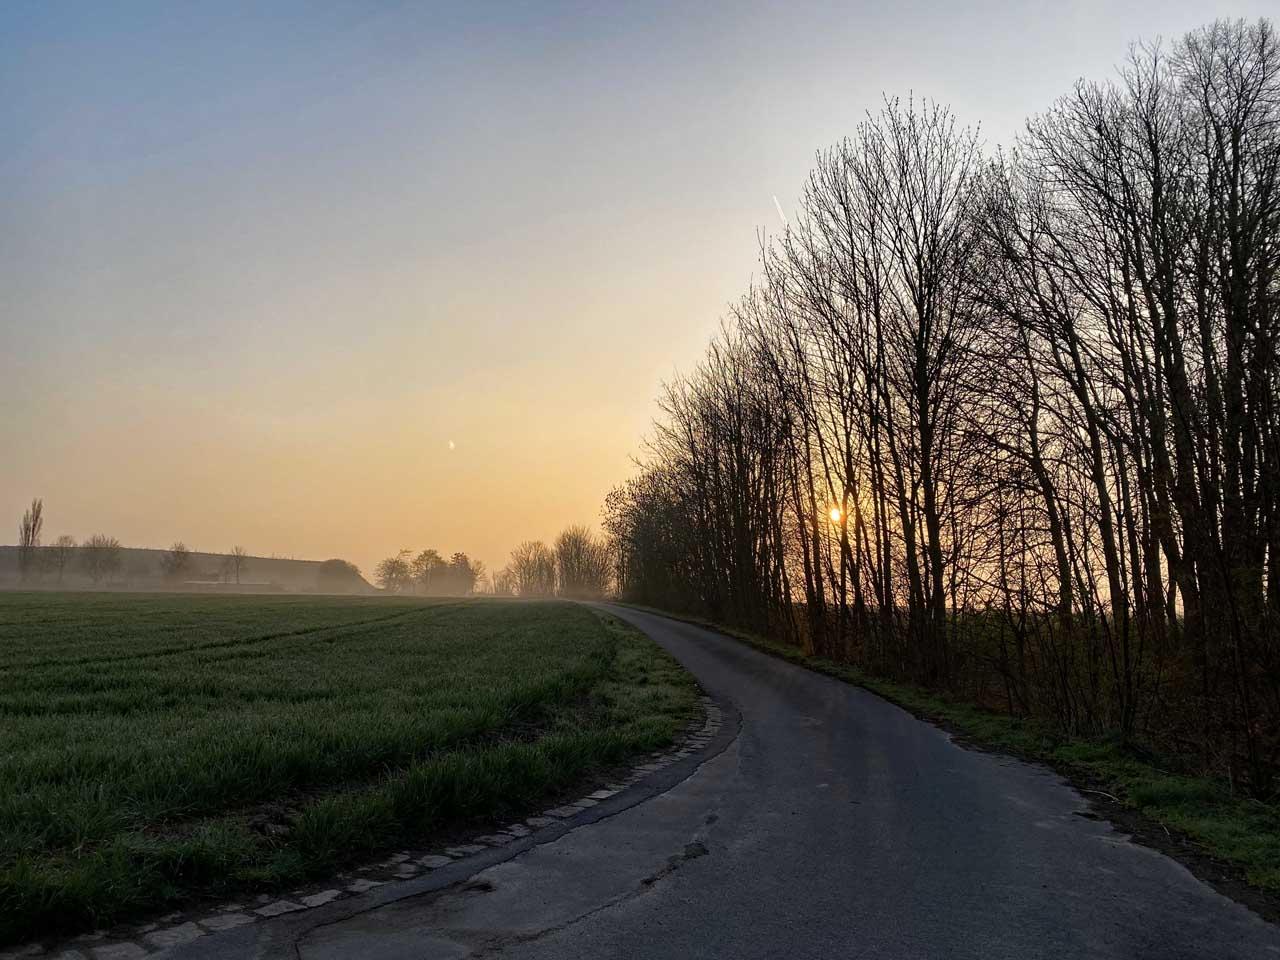 Die Sonne ist noch nicht über den Bäumen